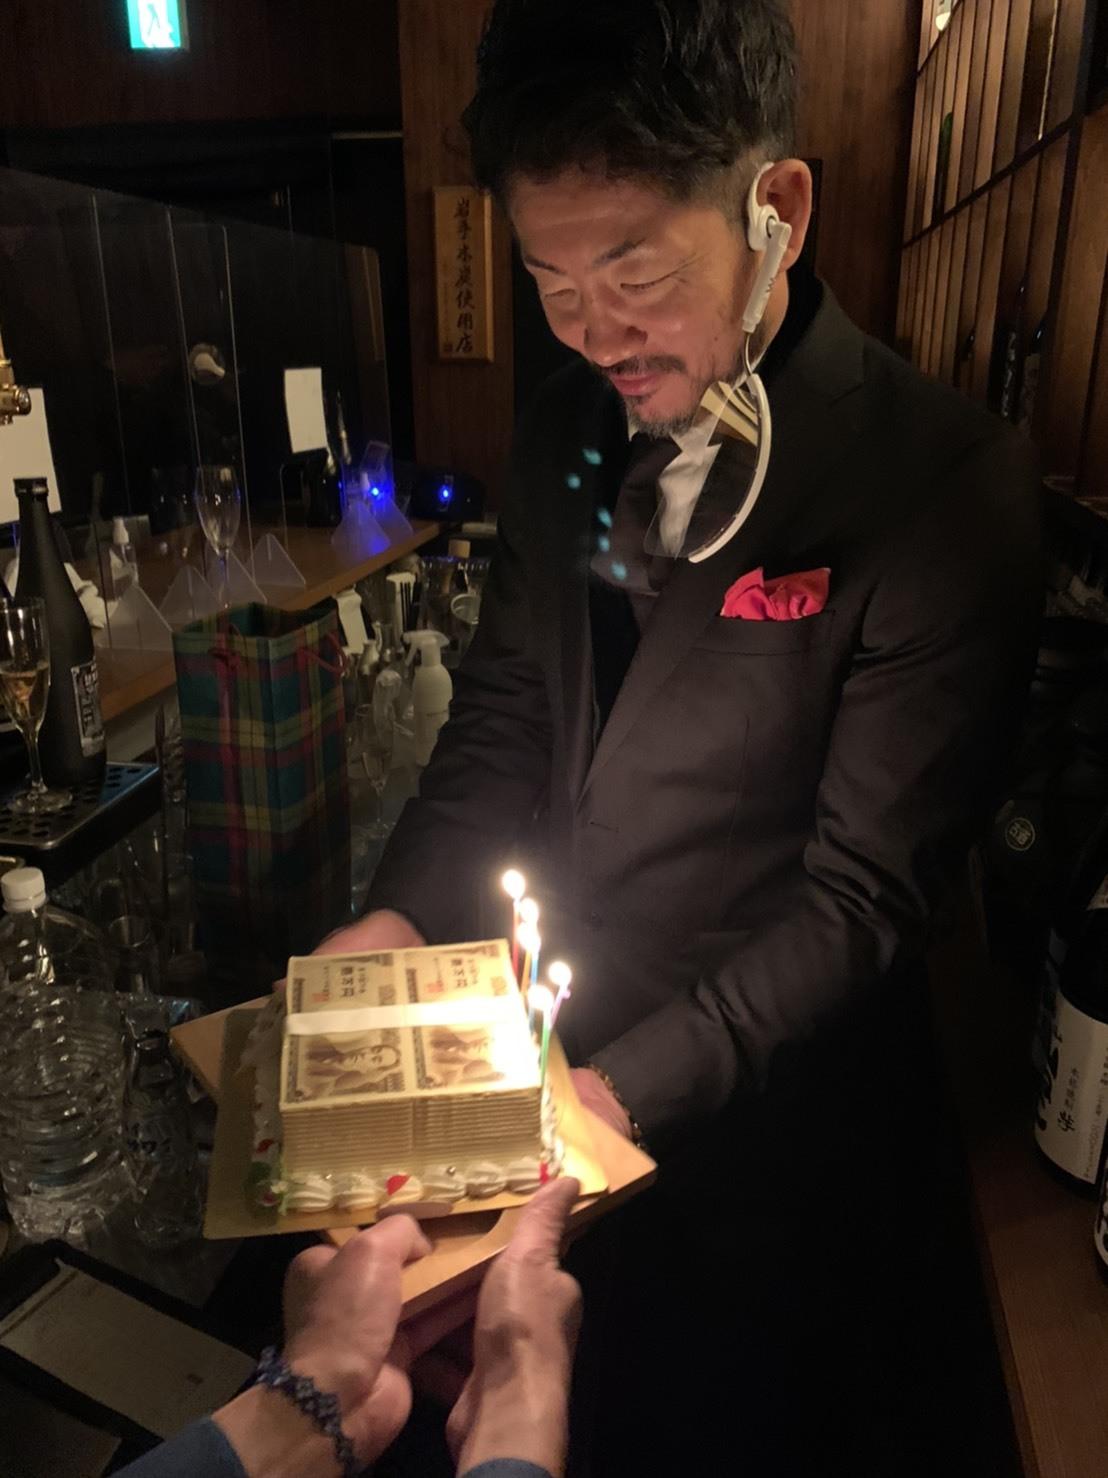 白レバーの高庵TOKYO16周年とオーナー5_a0019032_18382032.jpeg